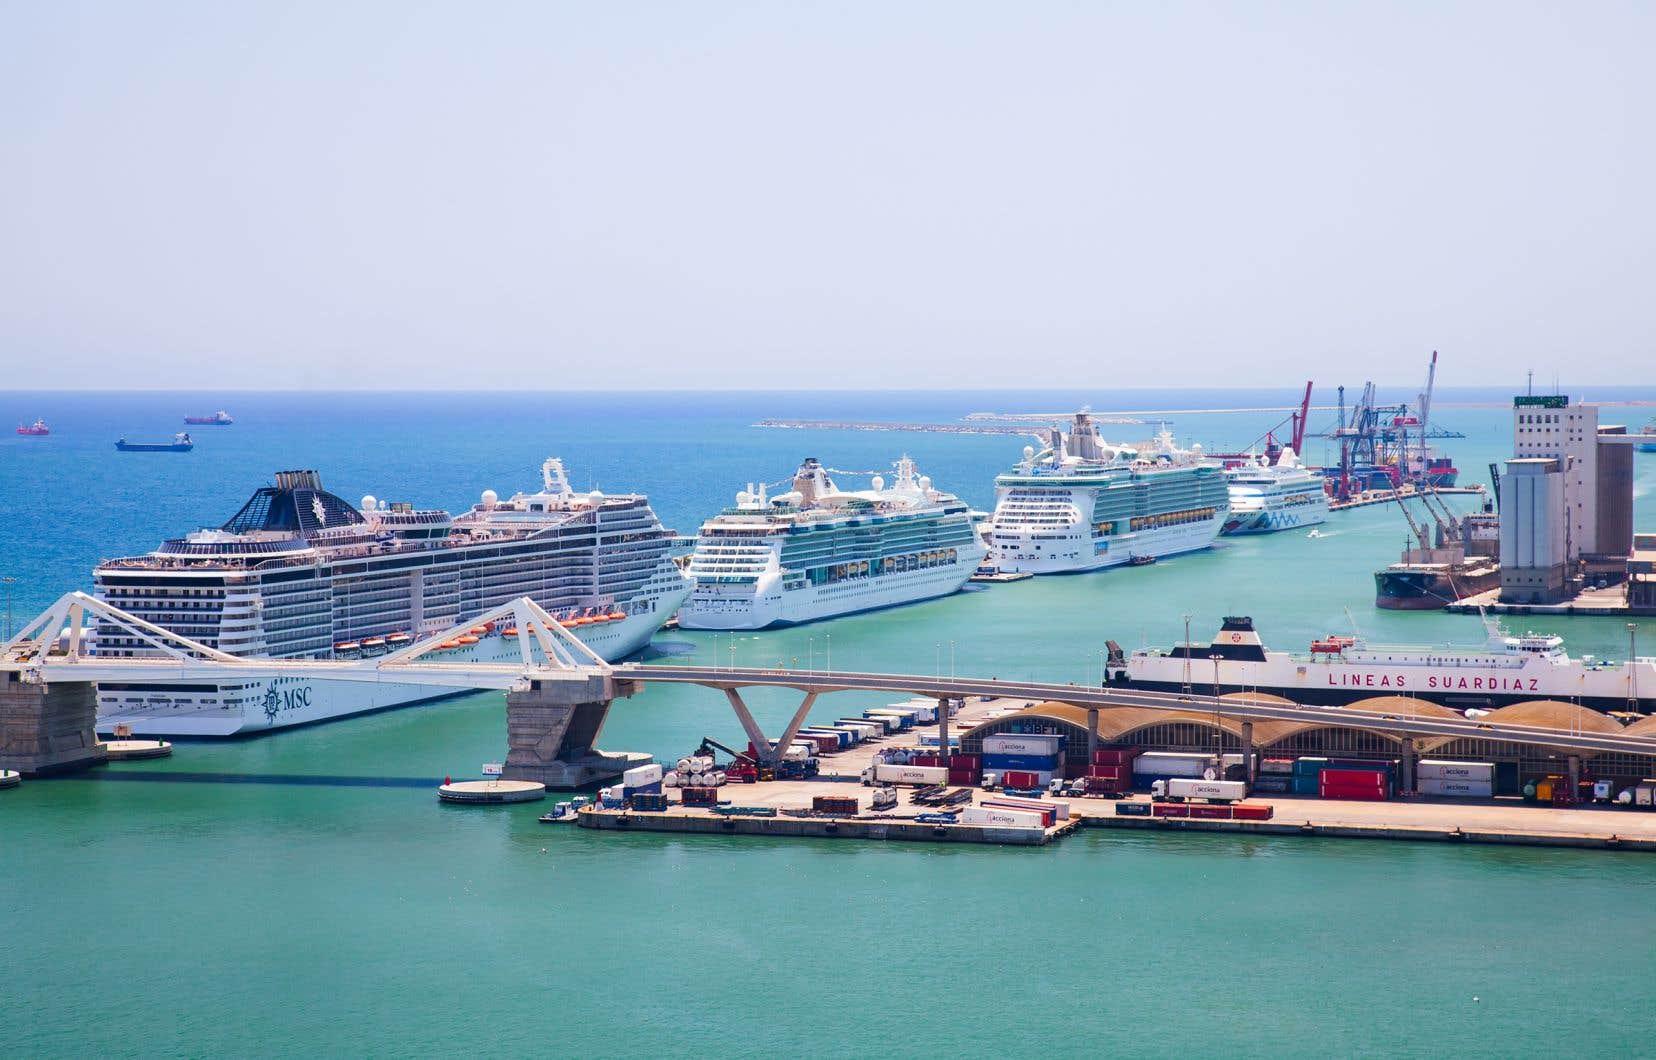 Le port de Barcelone se trouve en plein cœur de la capitale catalane, ce qui rend l'accès de son centre facile pour les passagers des bateaux de croisière.